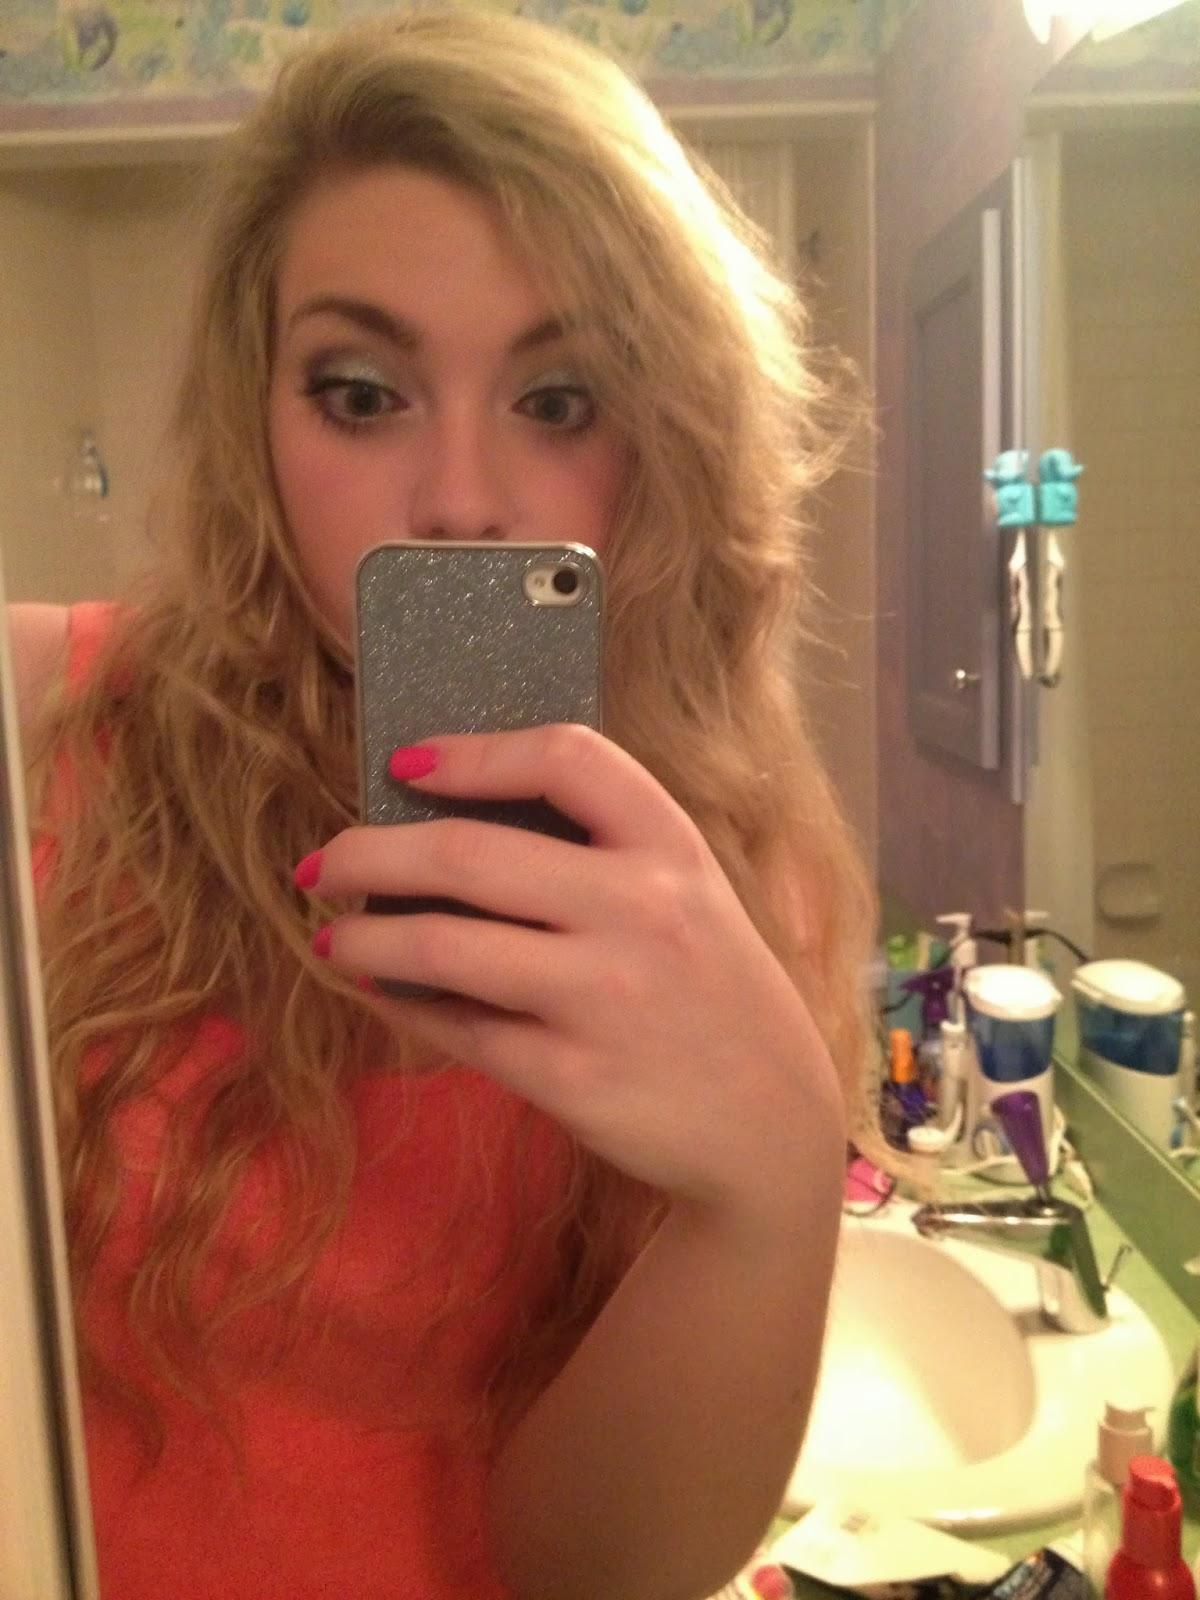 selfies Girl bathroom